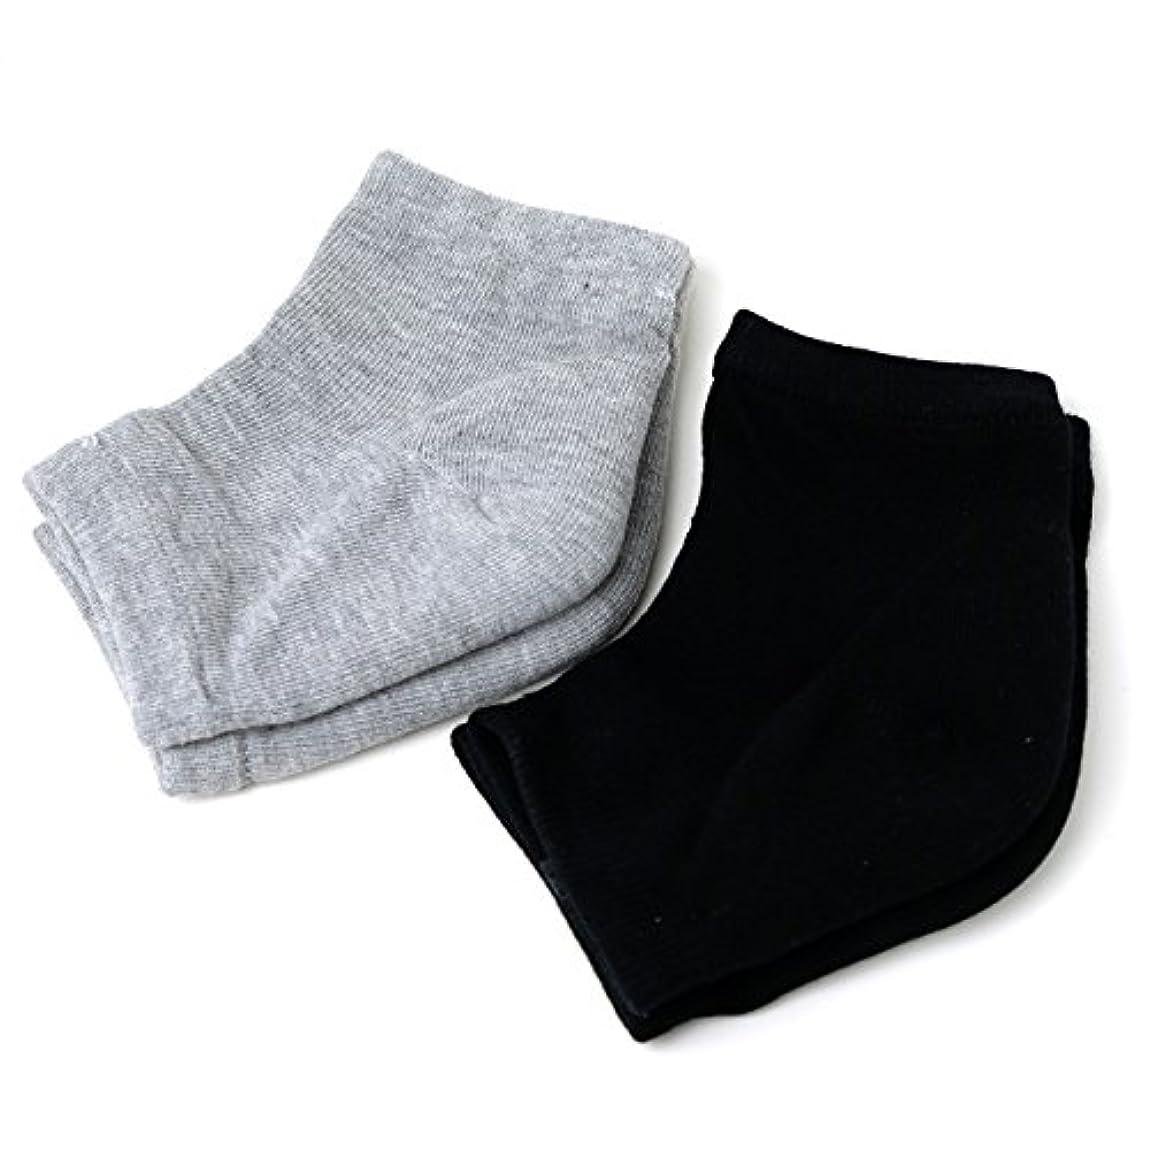 非常に受動的慣習Banane D'or かかと 靴下 ソックス セット (黒×1 グレー×1)